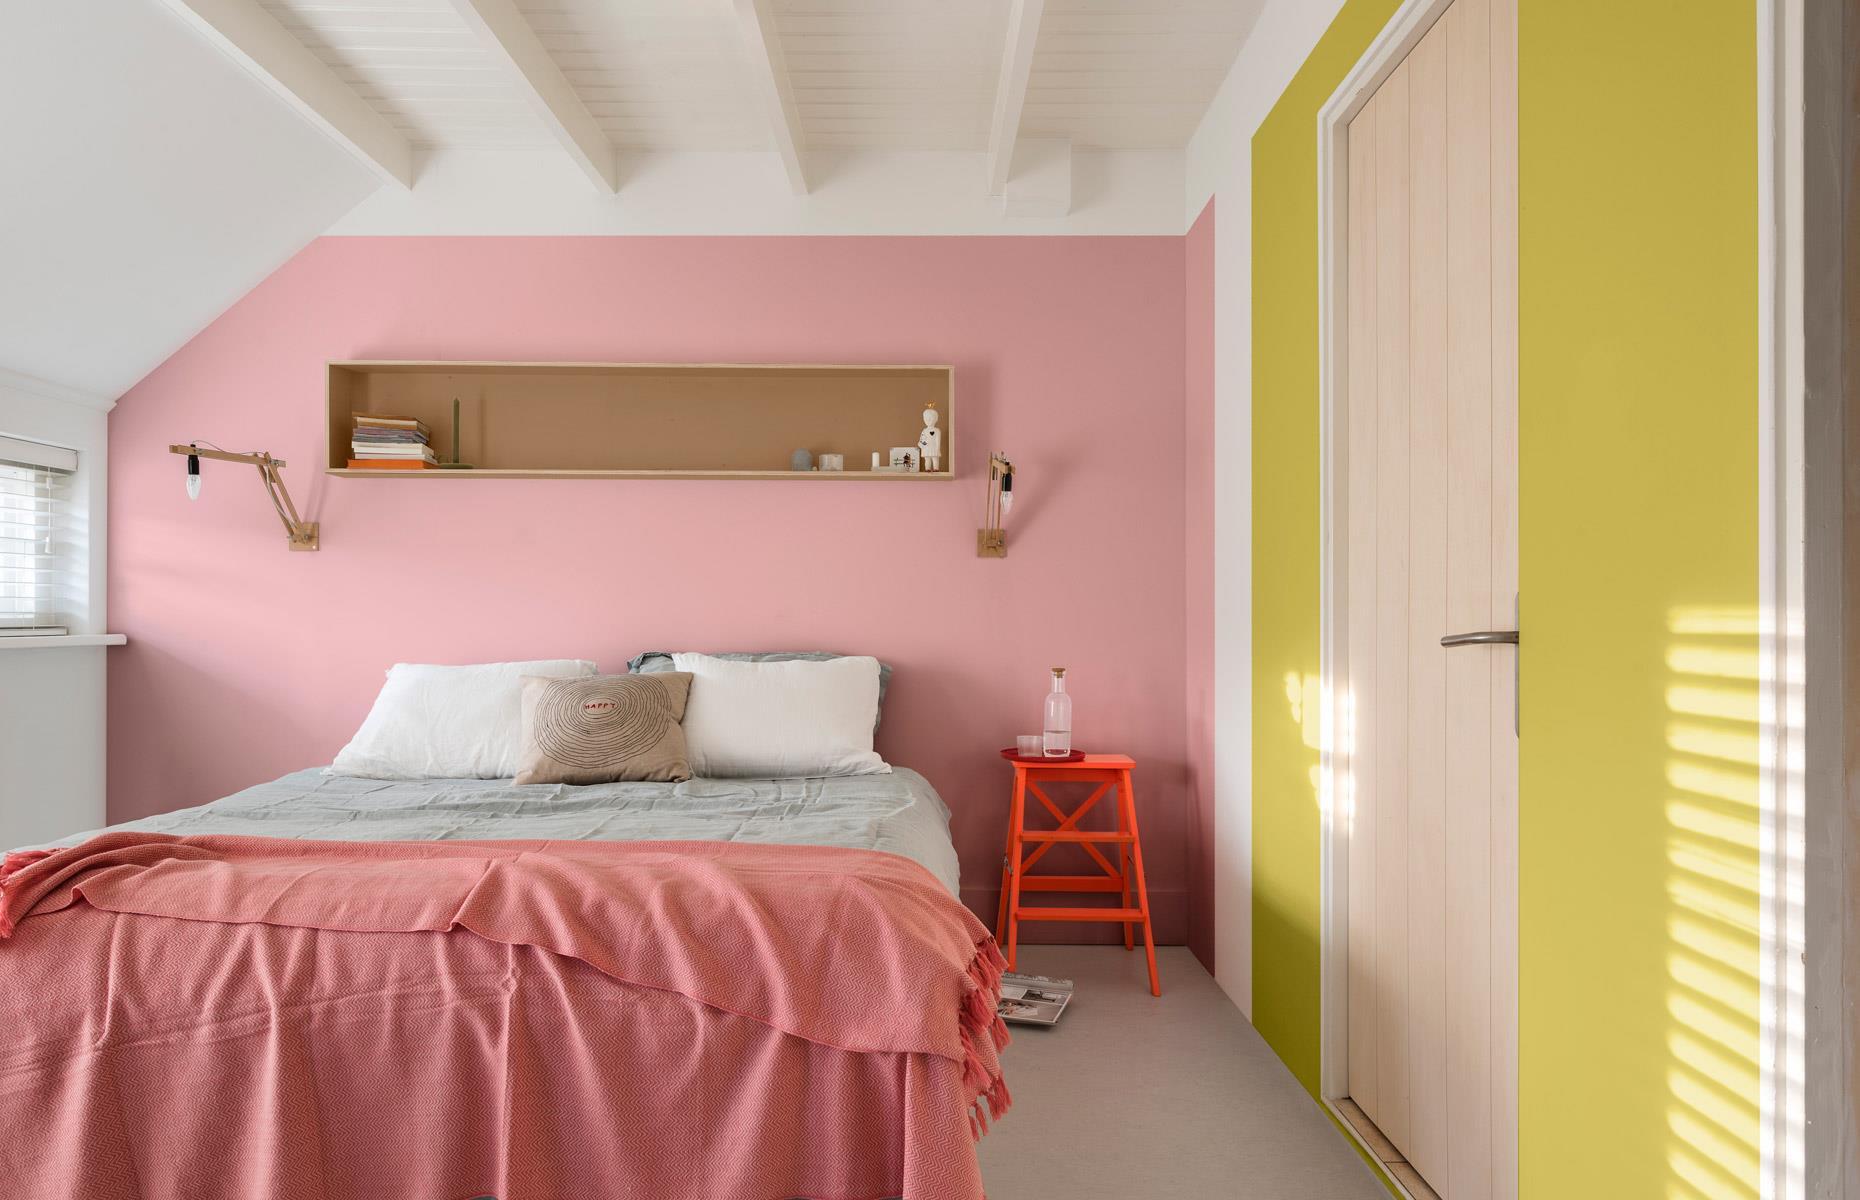 17 neşeli, renkli ve güzel çift kişilik yatak odası